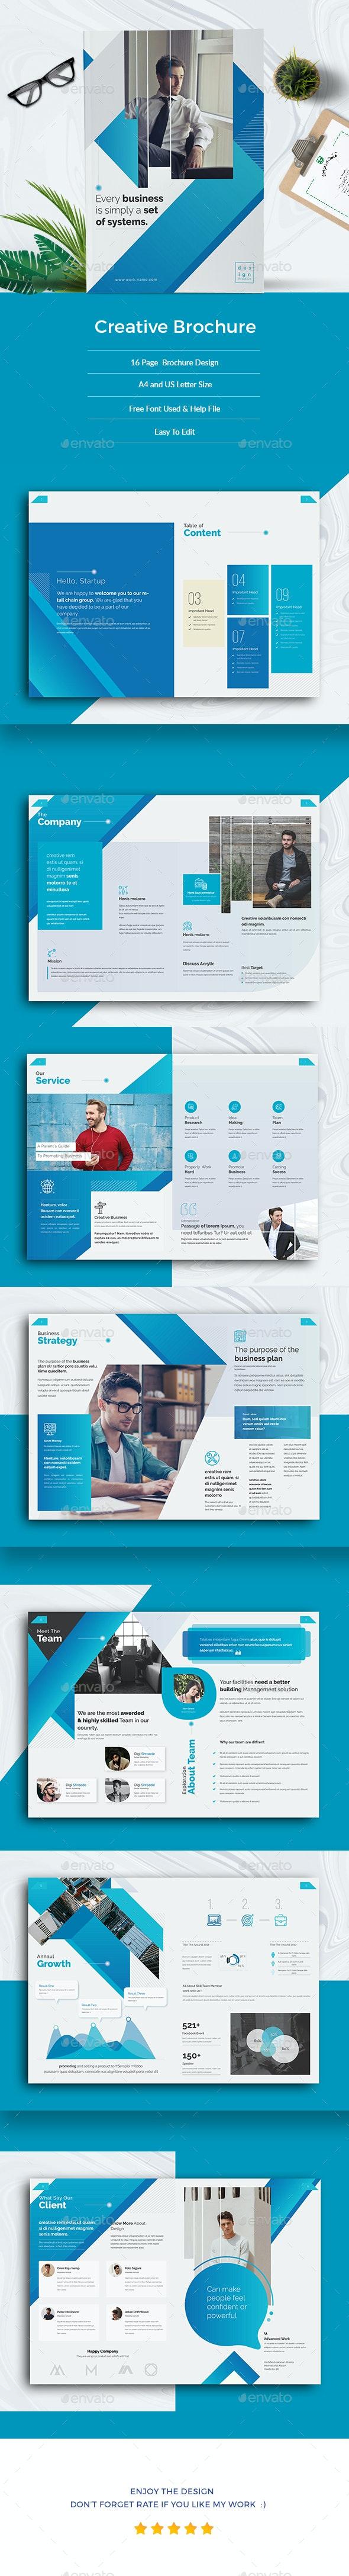 Creative Brochure - Corporate Brochures